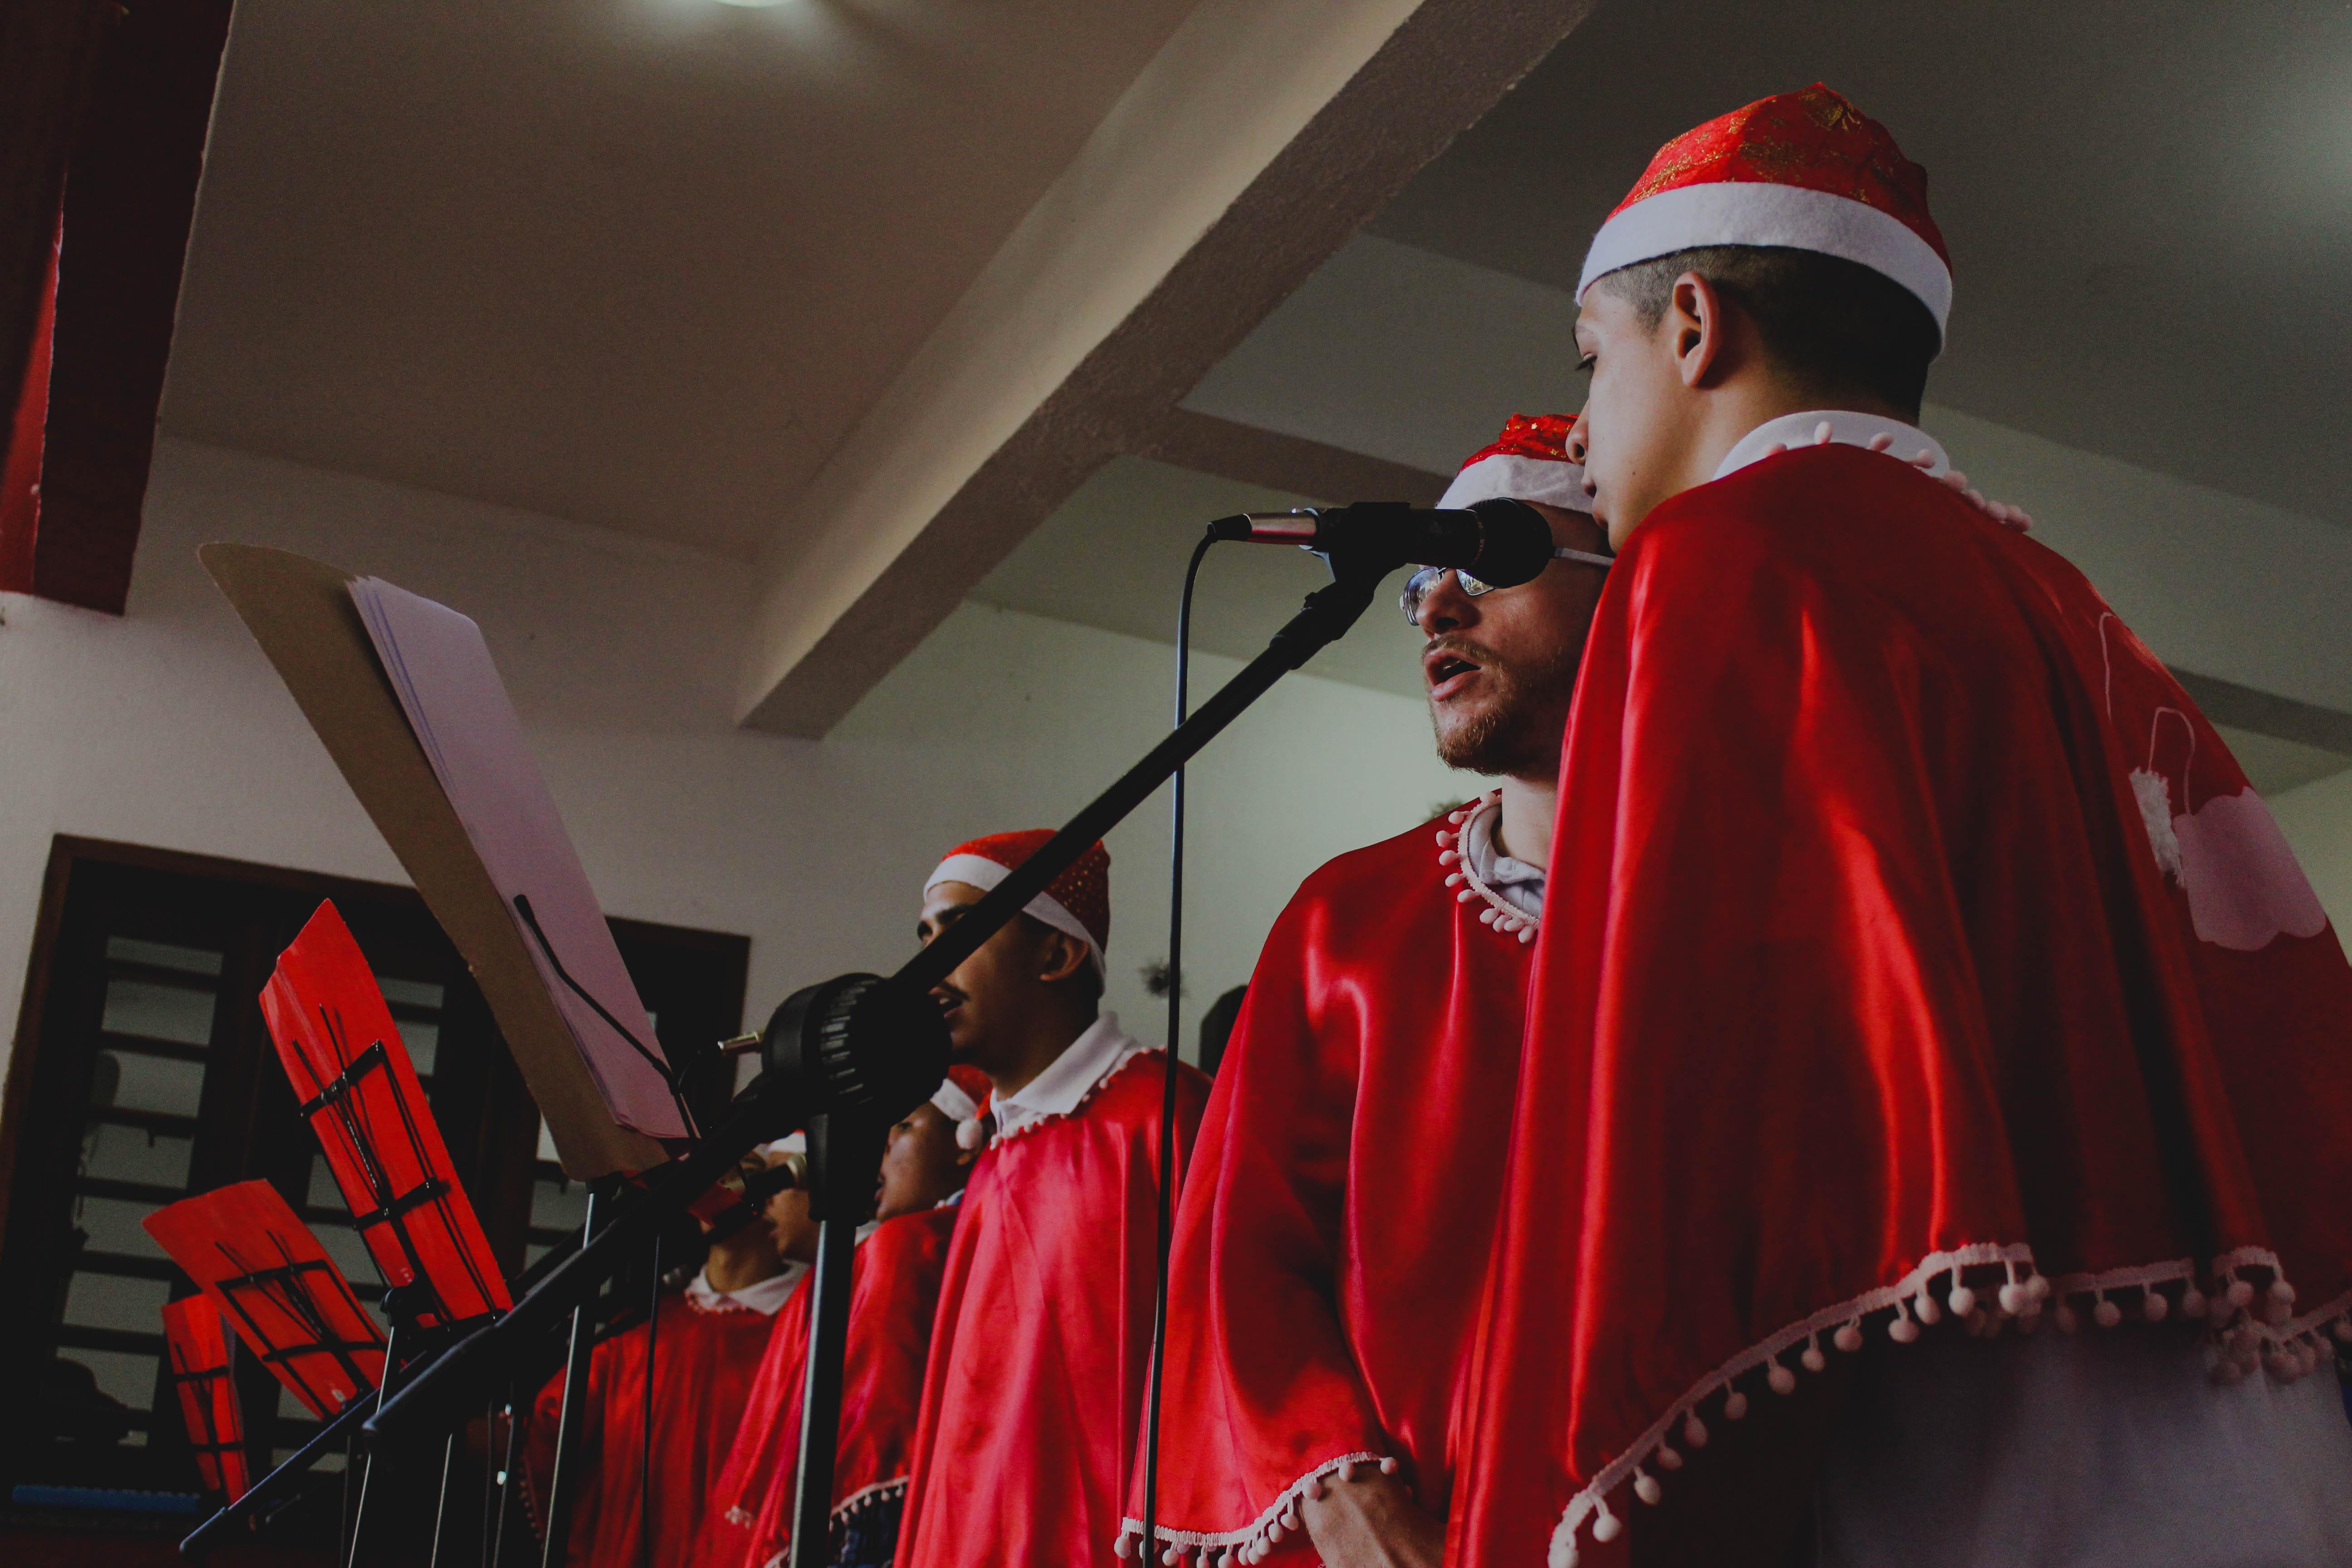 Adolescentes entoam canções natalinas em instituições filantrópicas